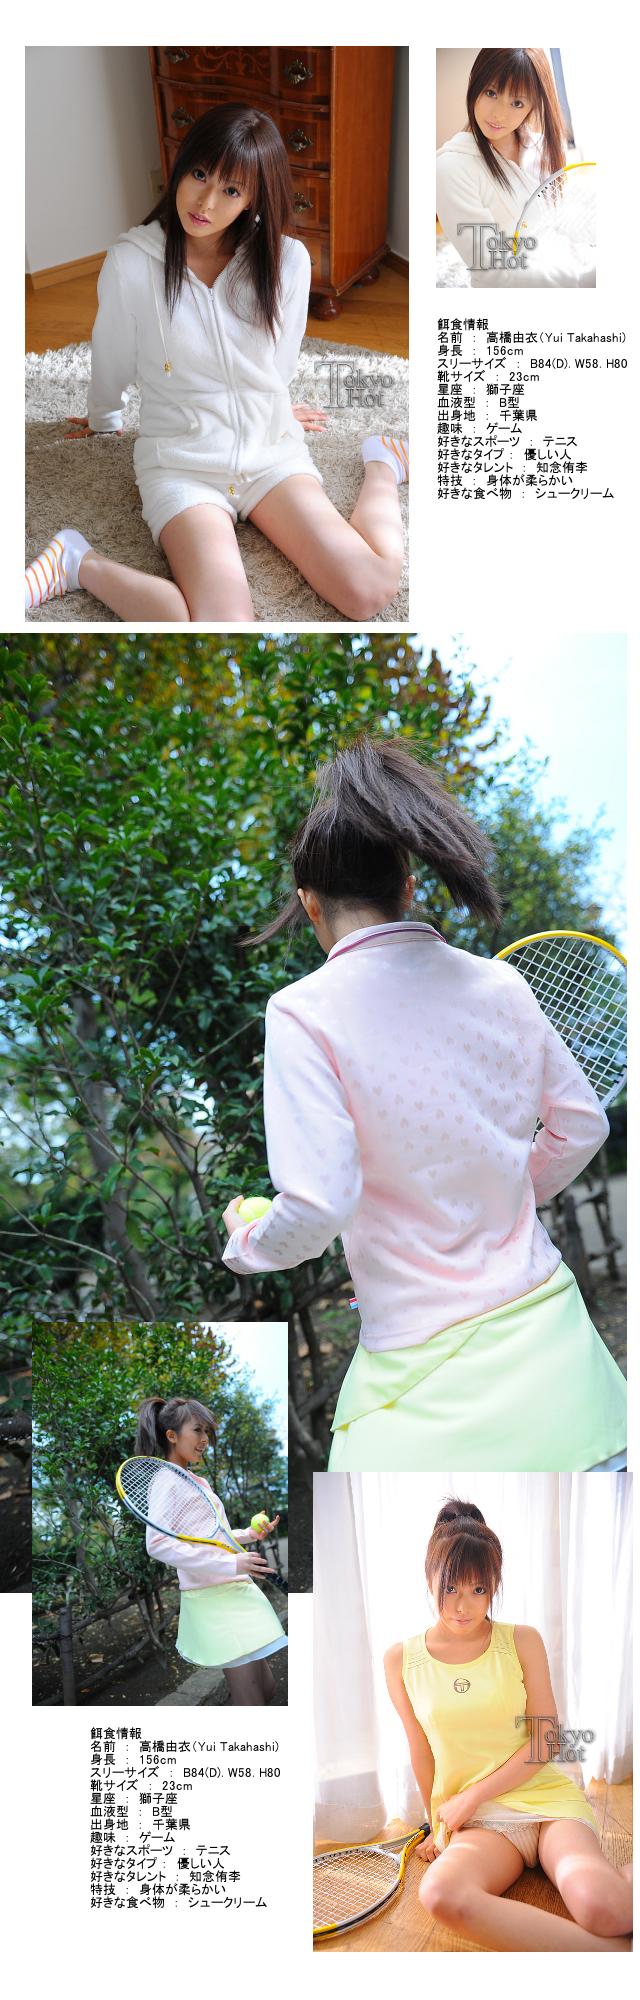 東京熱の高橋由衣『T大テニス部合宿輪カン事件』